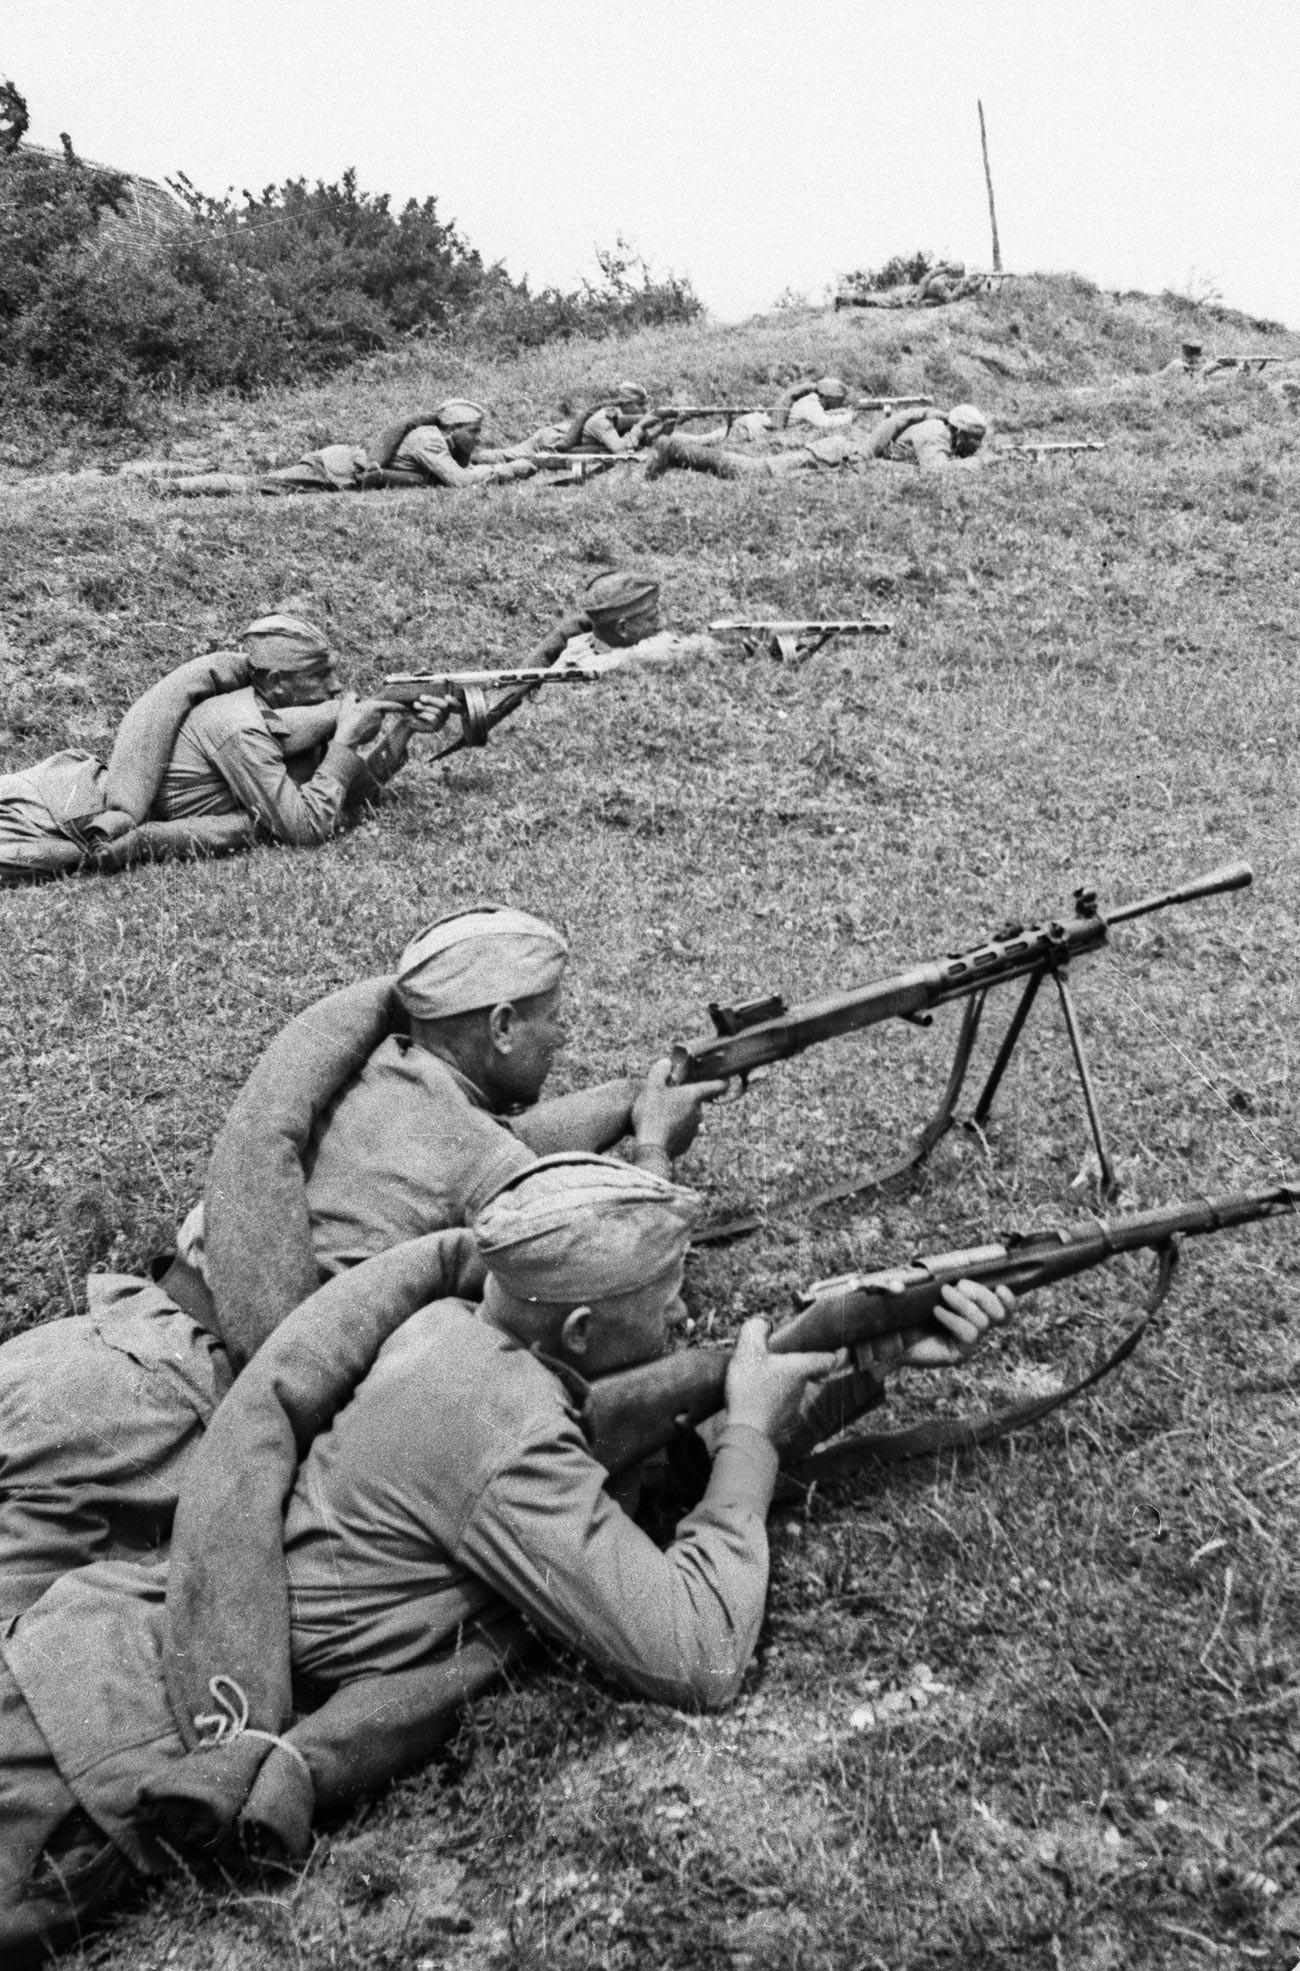 Битката за Донбас. Войници на Червената армия завземат плацдарм на западния бряг на Днепър.